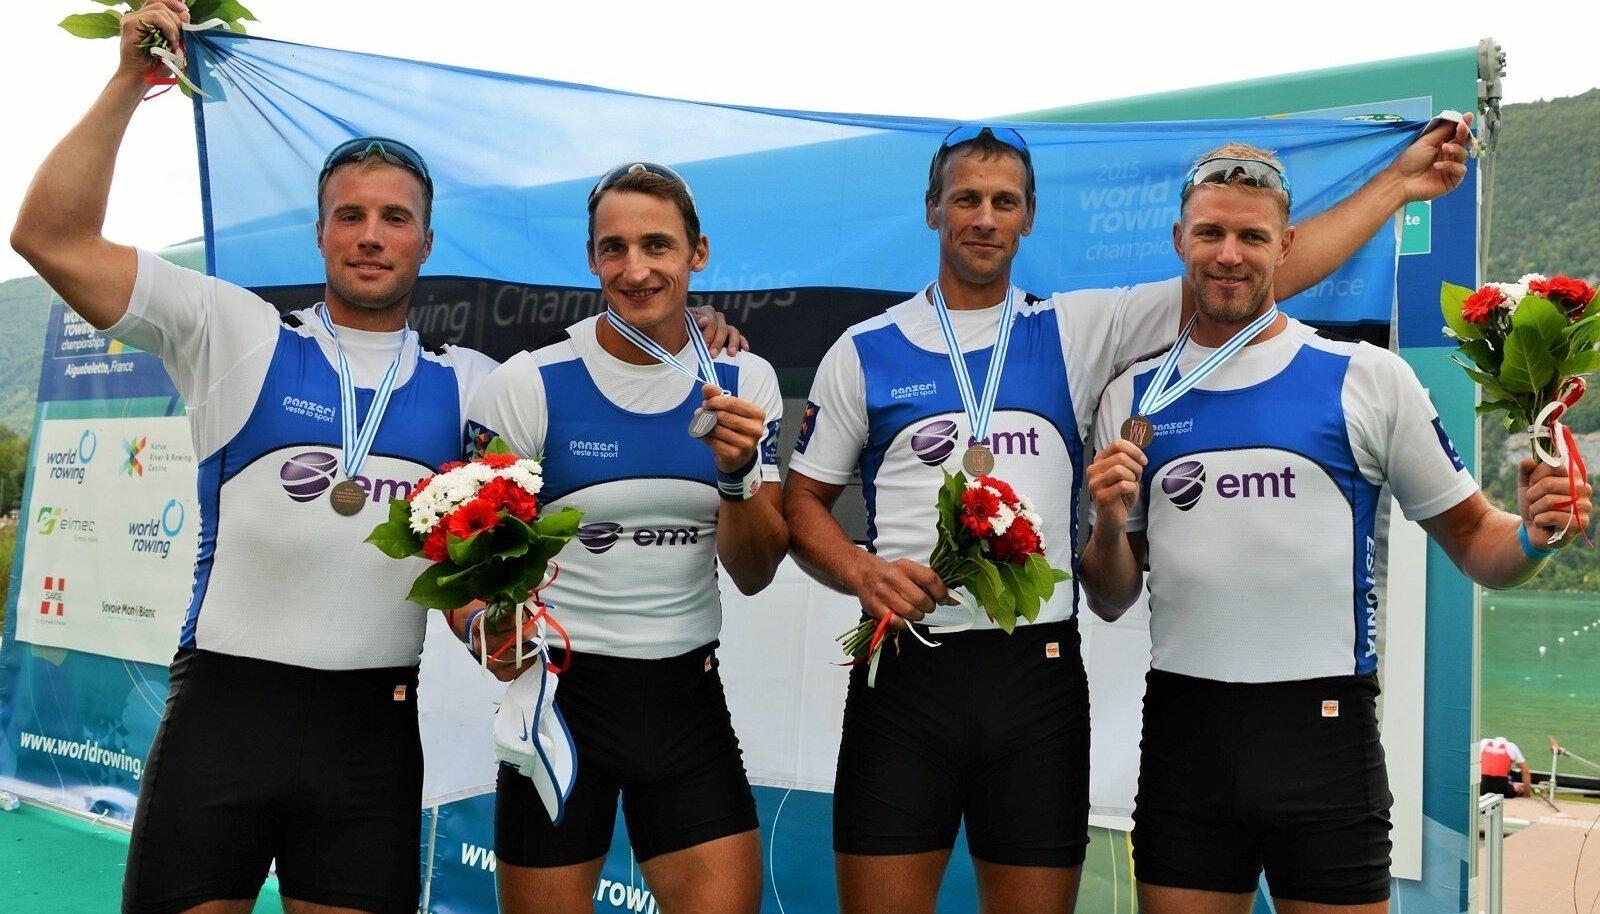 Õnnelik neljapaadi meeskond: (vasakult) Andrei Jämsä, Allar Raja, Tõnu Endrekson ja Kaspar Taimsoo